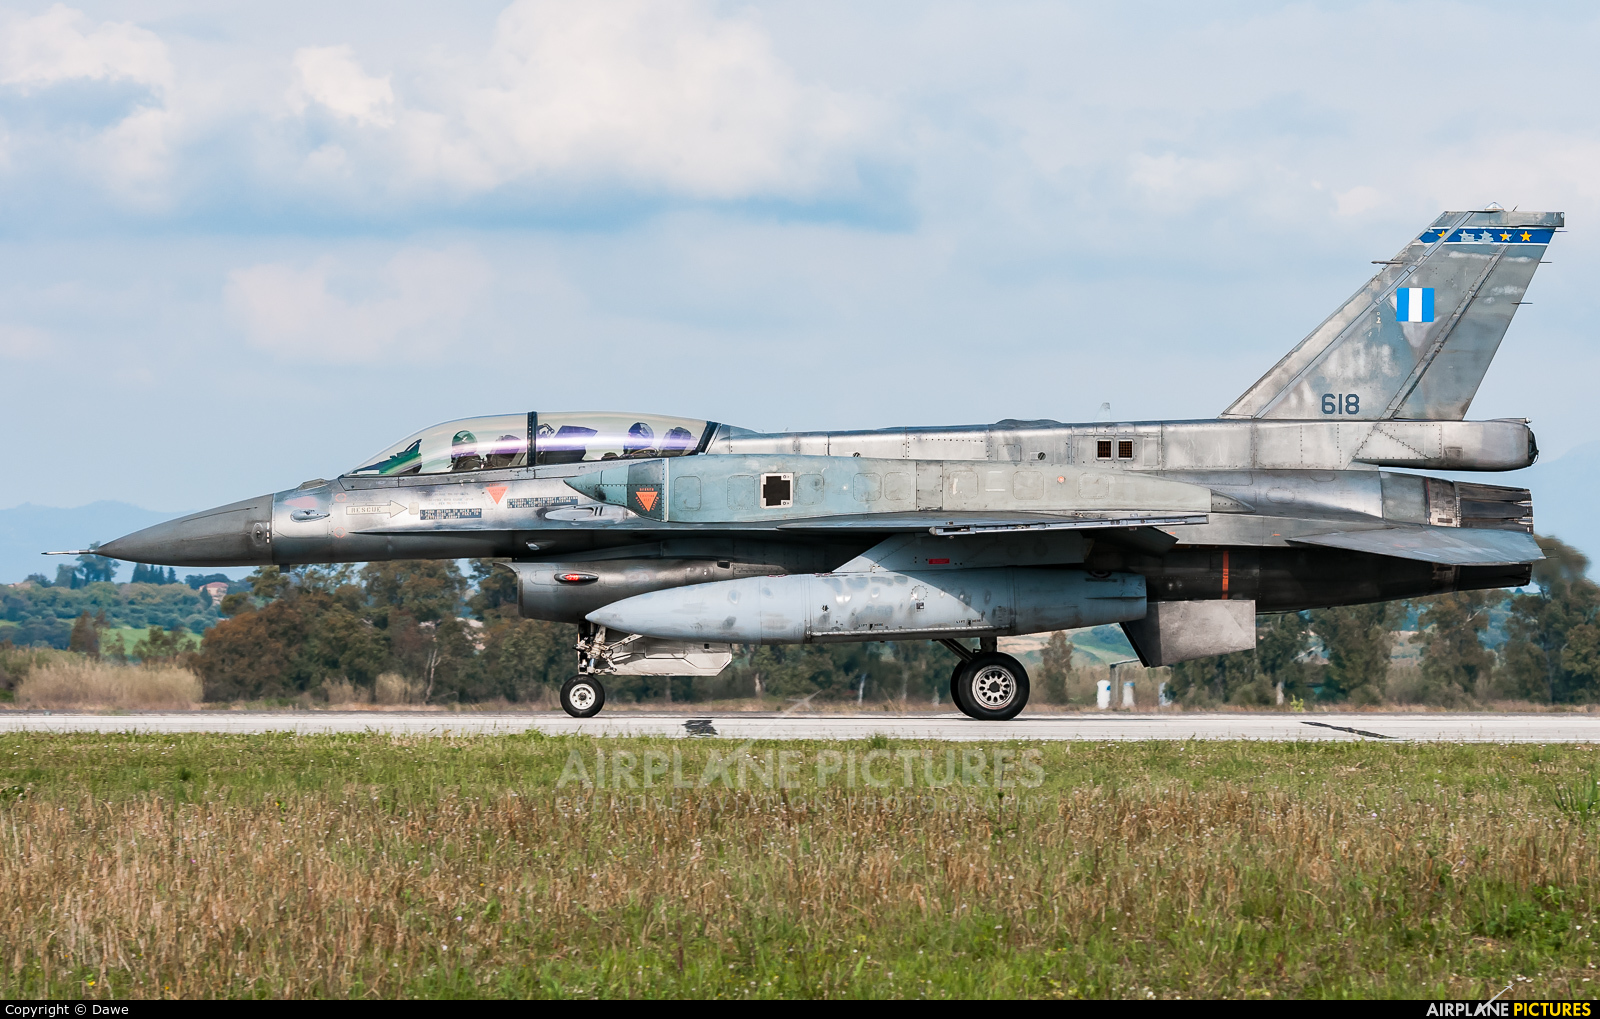 Greece - Hellenic Air Force 618 aircraft at Andravida AB